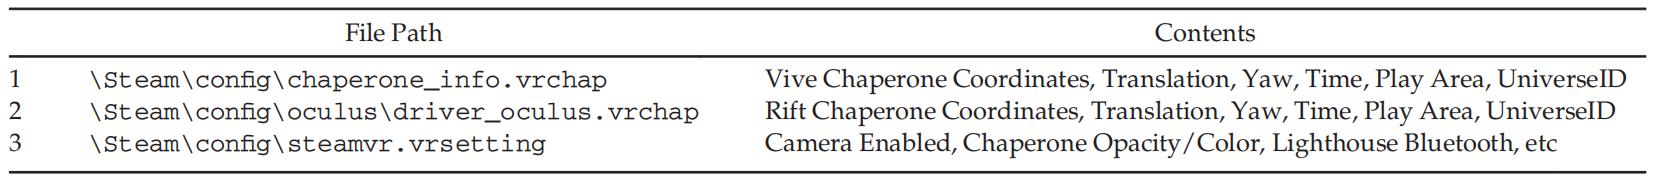 针对沉浸式VR系统的虚拟环境操纵攻击插图5